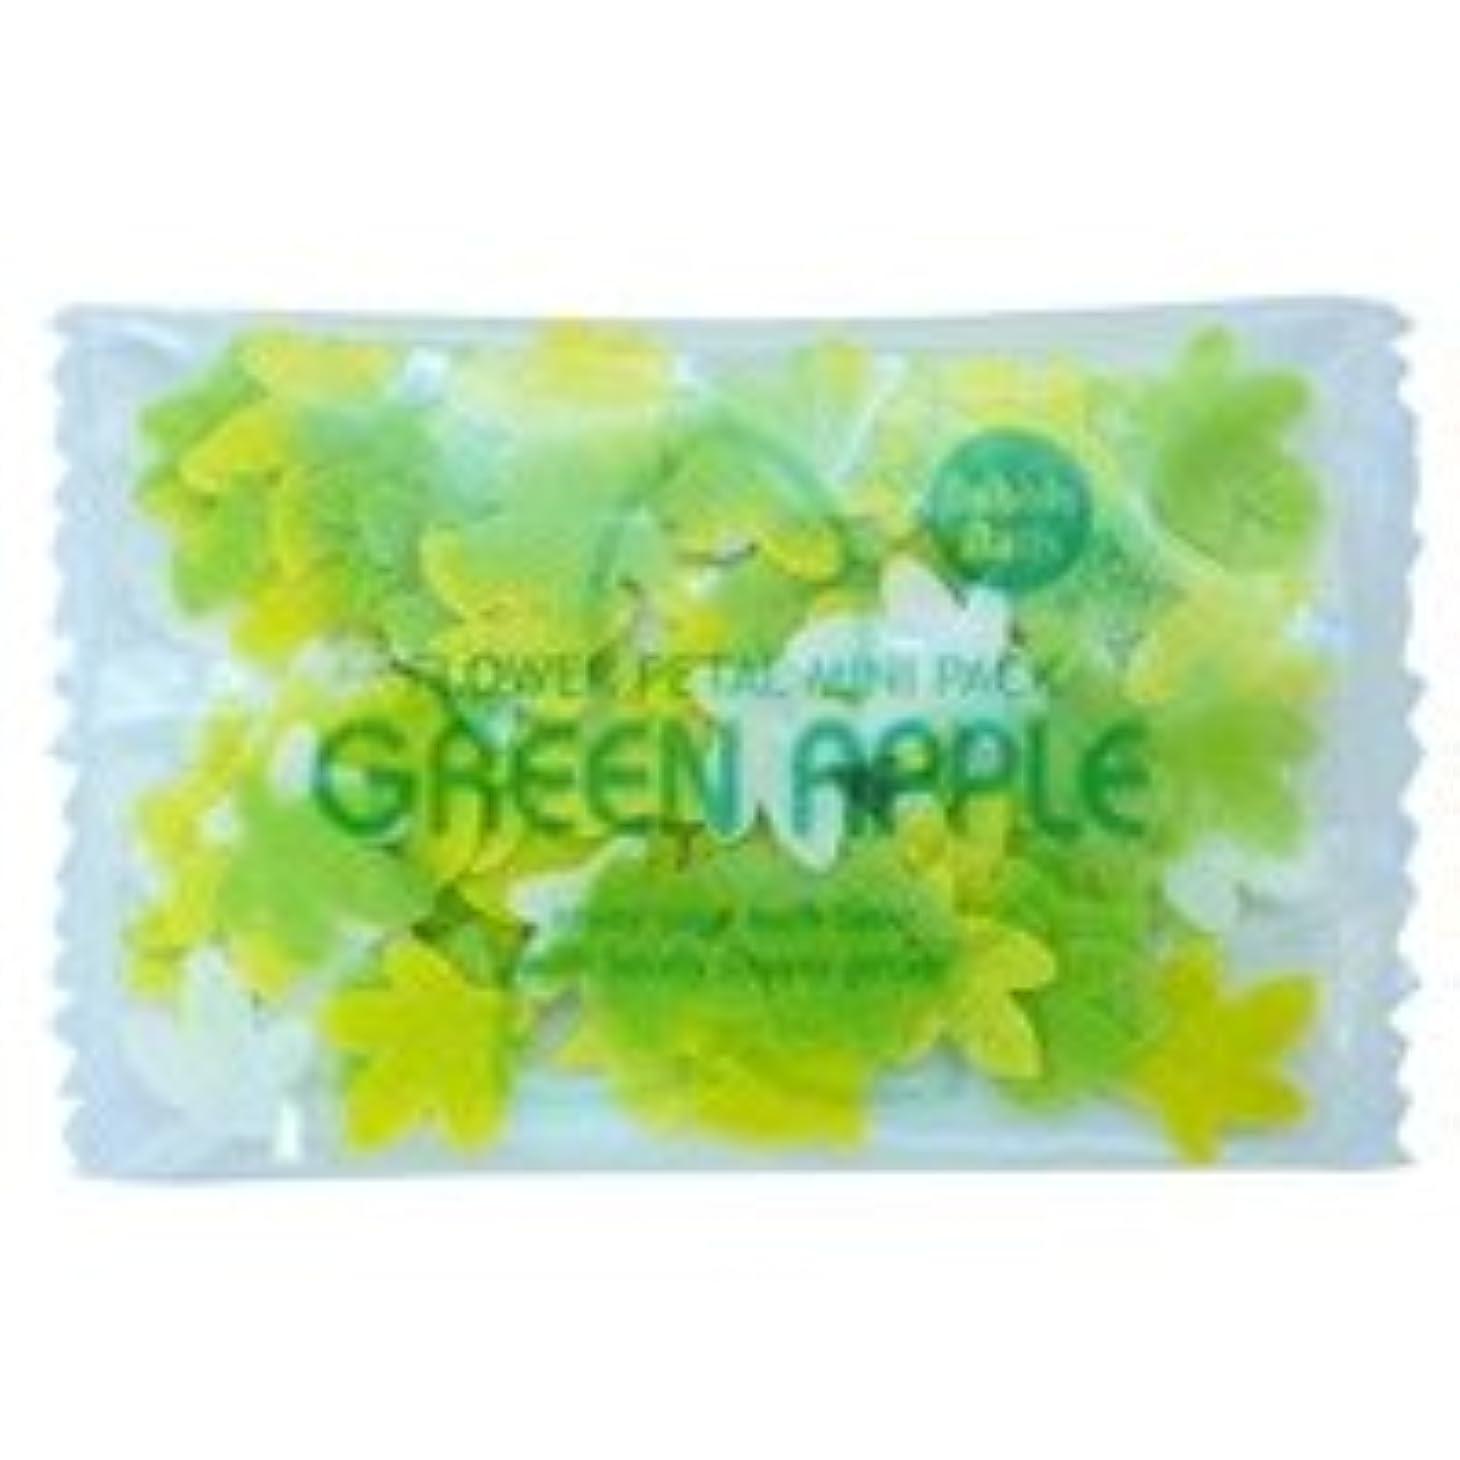 常にリレープライバシーフラワーペタル バブルバス ミニパック「グリーンアップル」20個セット ストレスから解放されたい日に疲れた心を解きほぐしてくれるフレッシュなグリーンアップルの香り